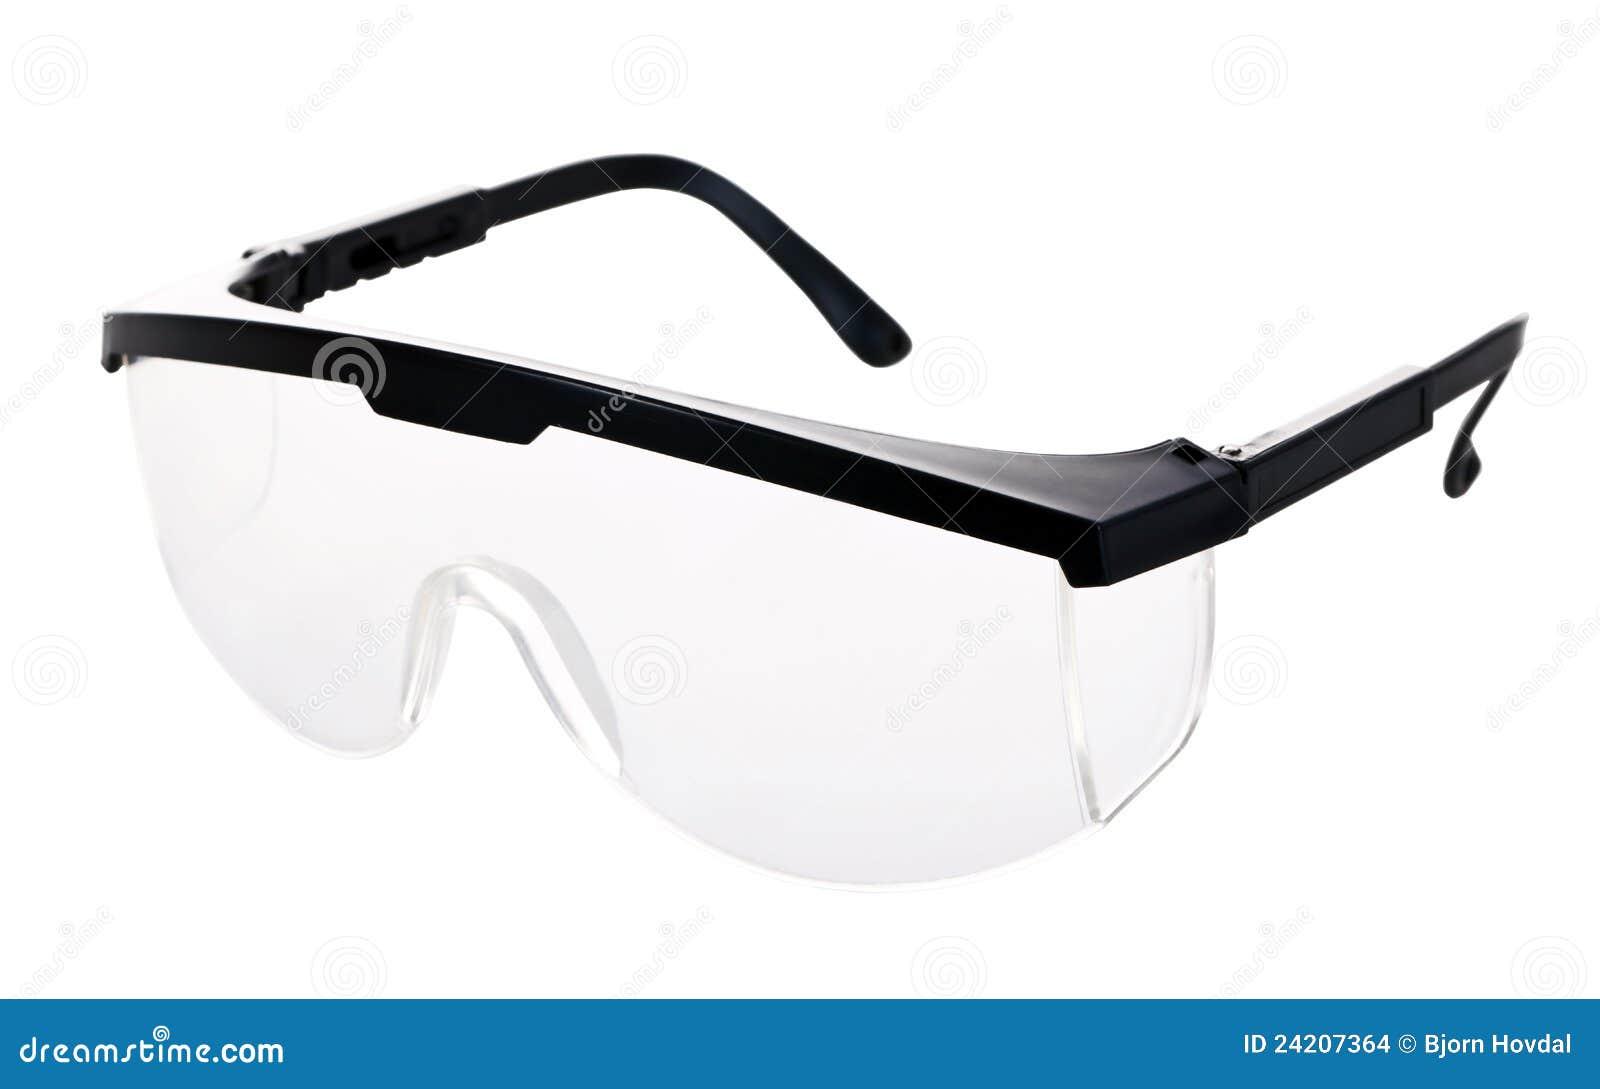 cdd4d2c9 Gafas de seguridad foto de archivo. Imagen de trabajo - 24207364